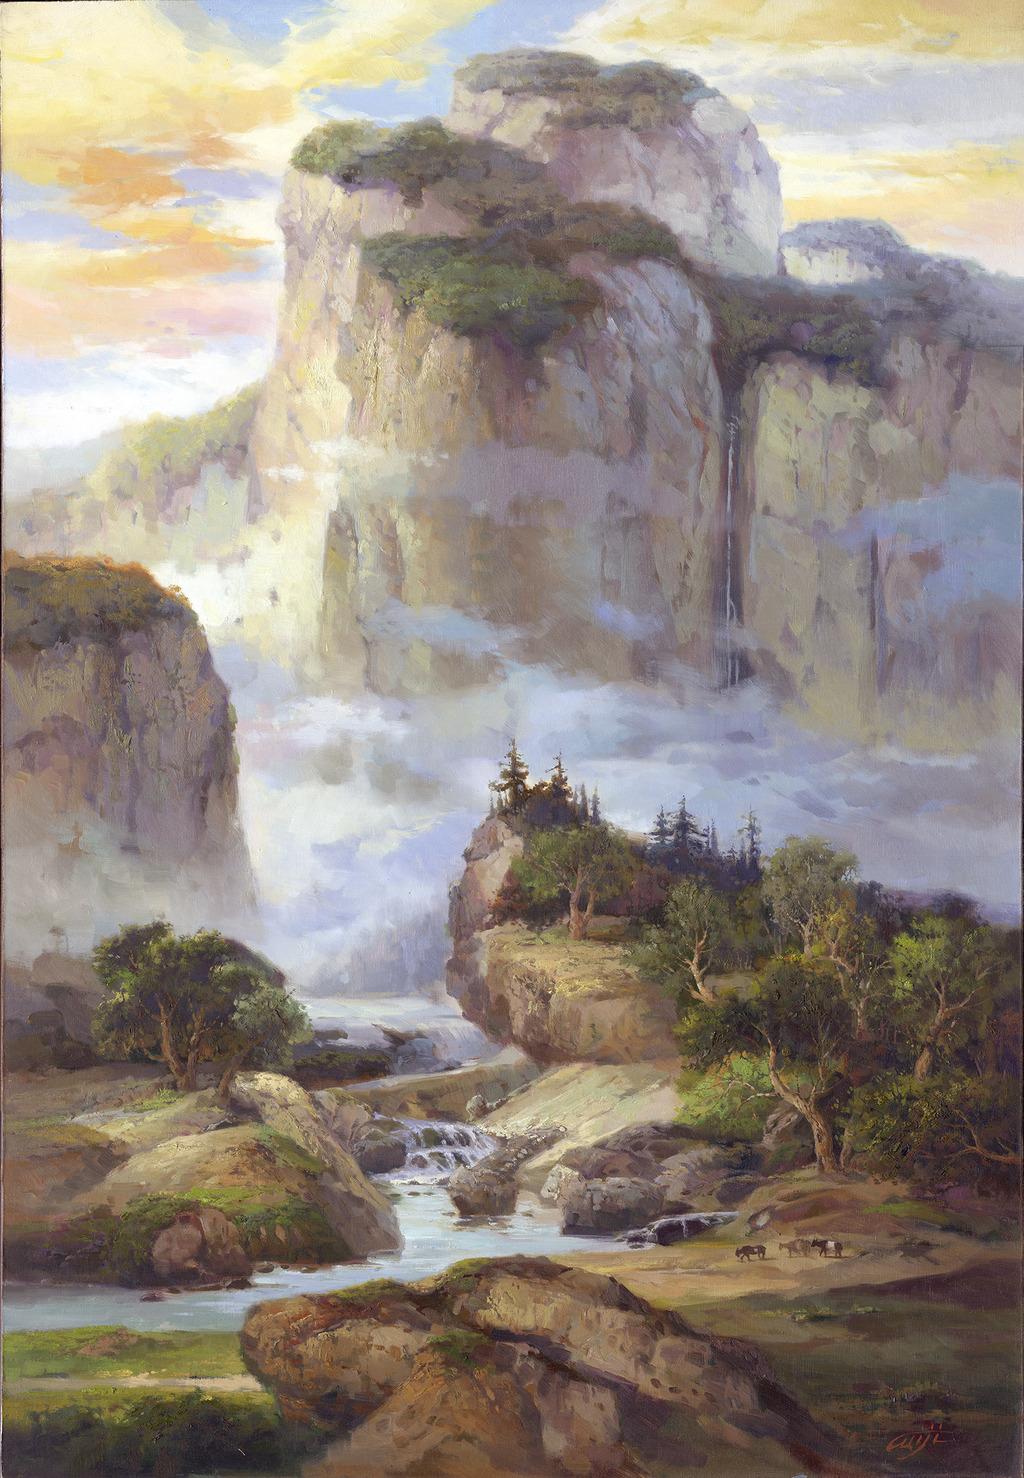 山水风景油画-深山